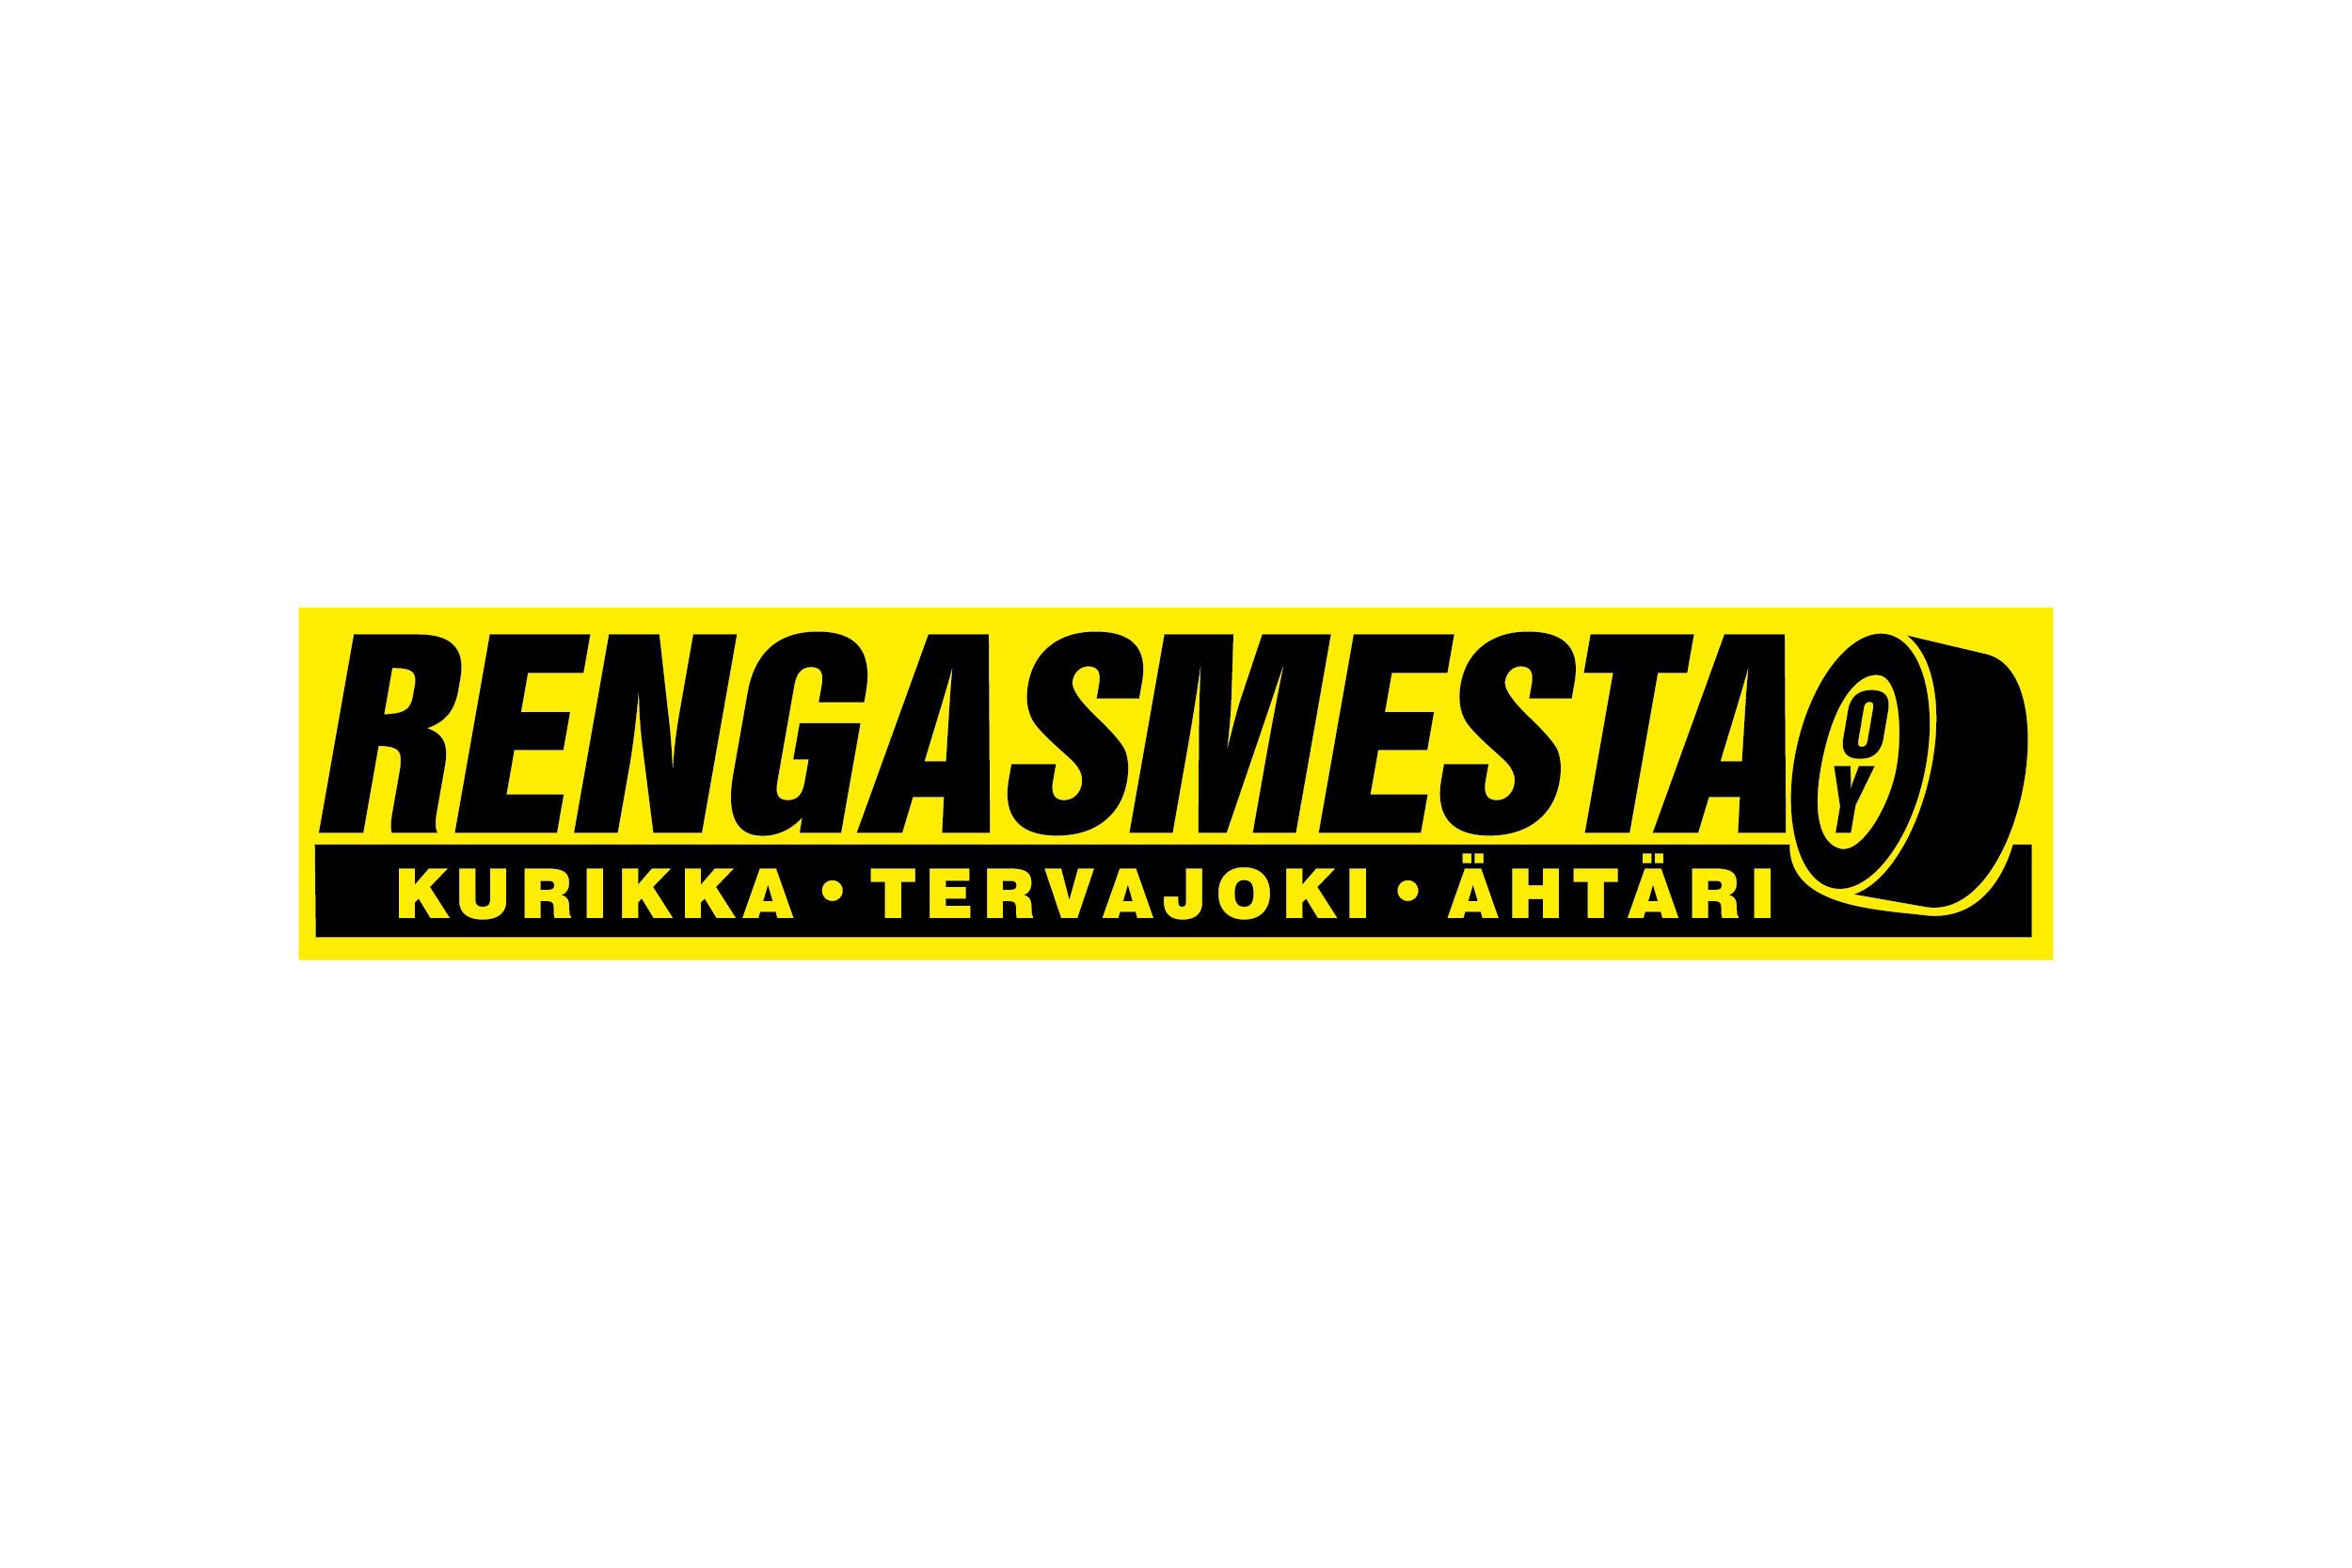 Rengasmesta logo